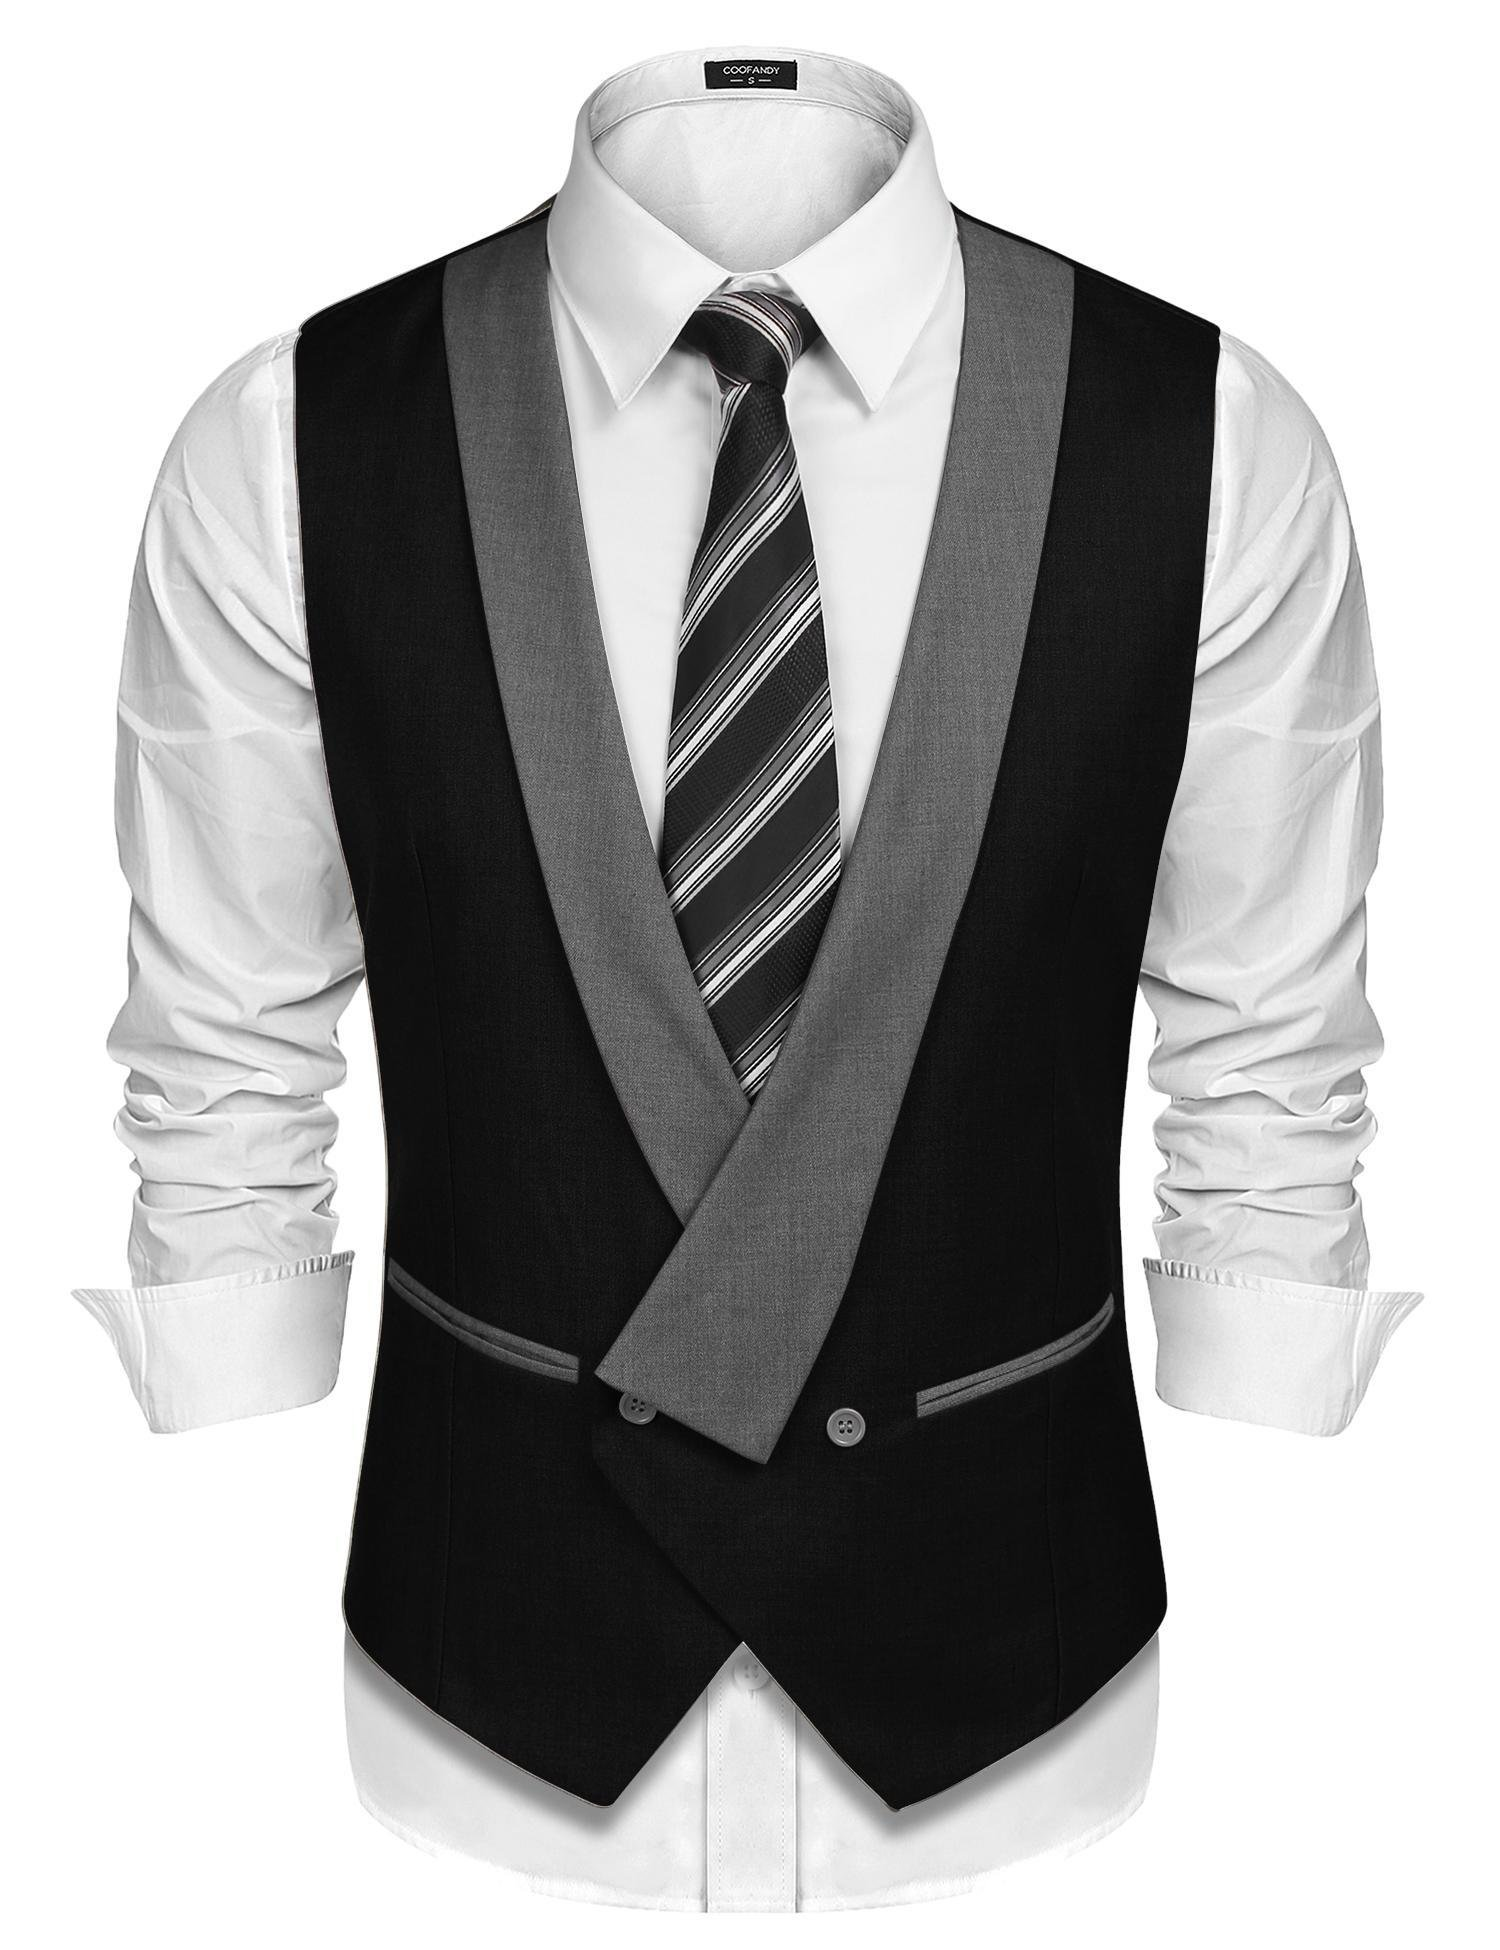 COOFANDY Mens Dress Vest Formal Business Waistcoat One Button Slim Fit Suit Vest